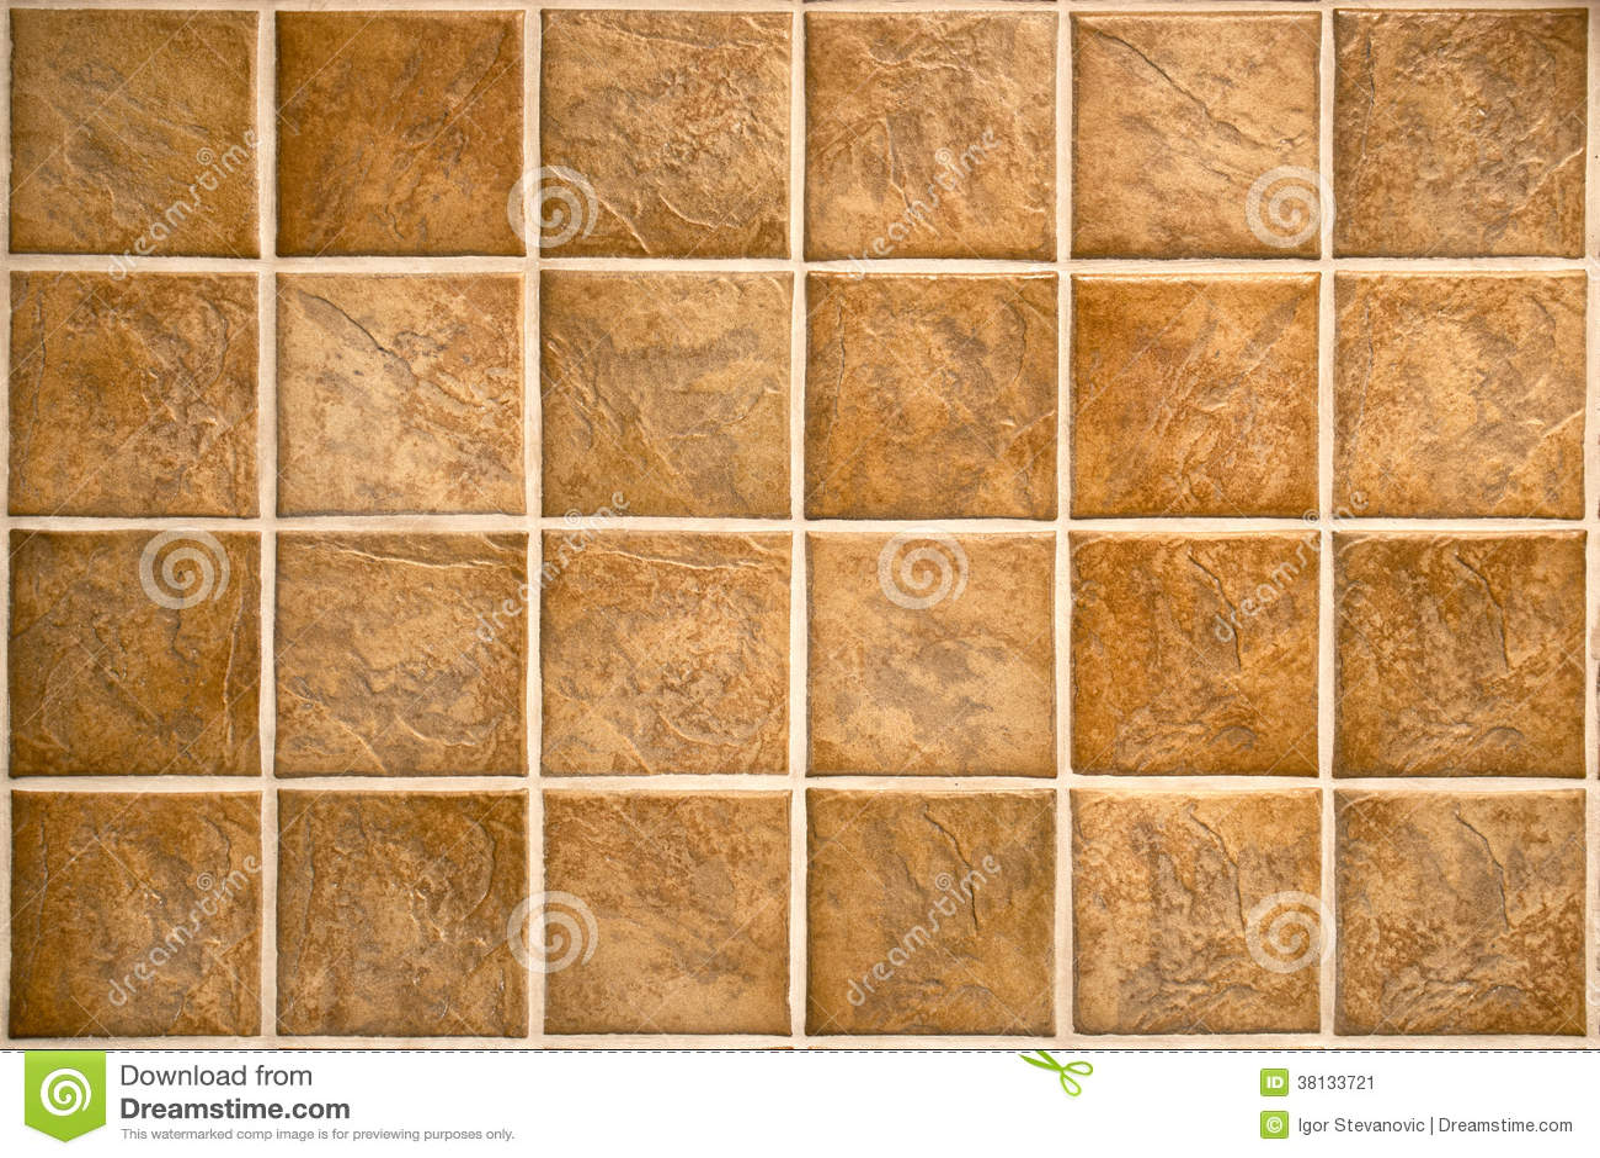 Azulejos. Azulejos bege do mosaico para a cozinha ou a parede ou o  #4C2B04 1300x958 Azulejo Banheiro Parede